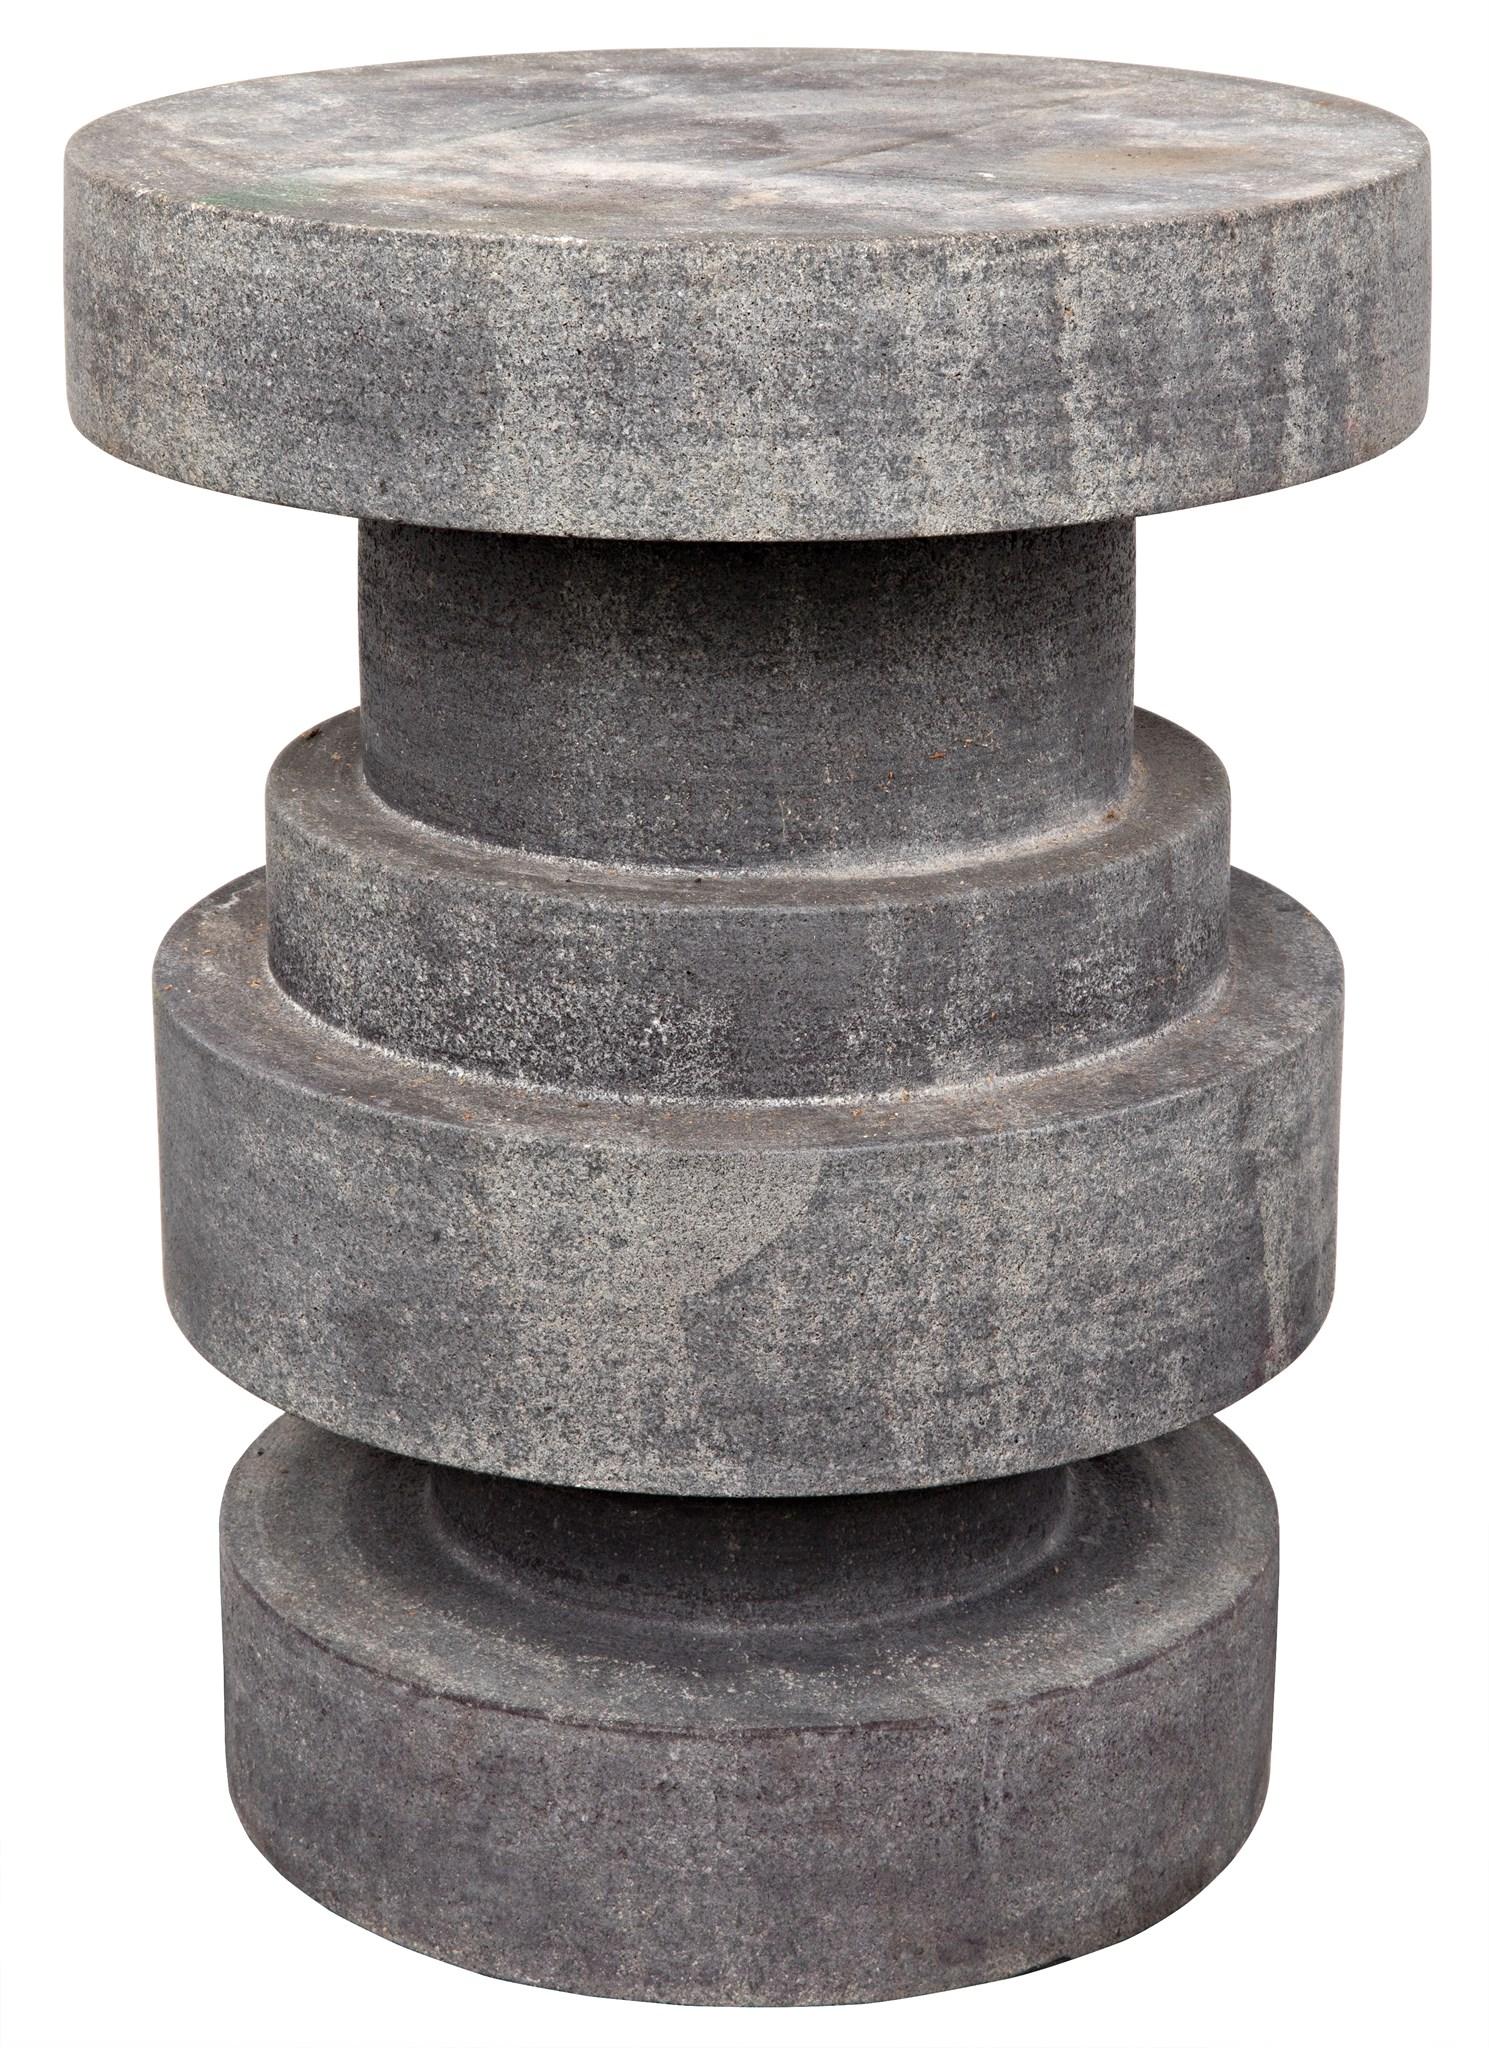 Darius Side Table/Stool, Black Stone